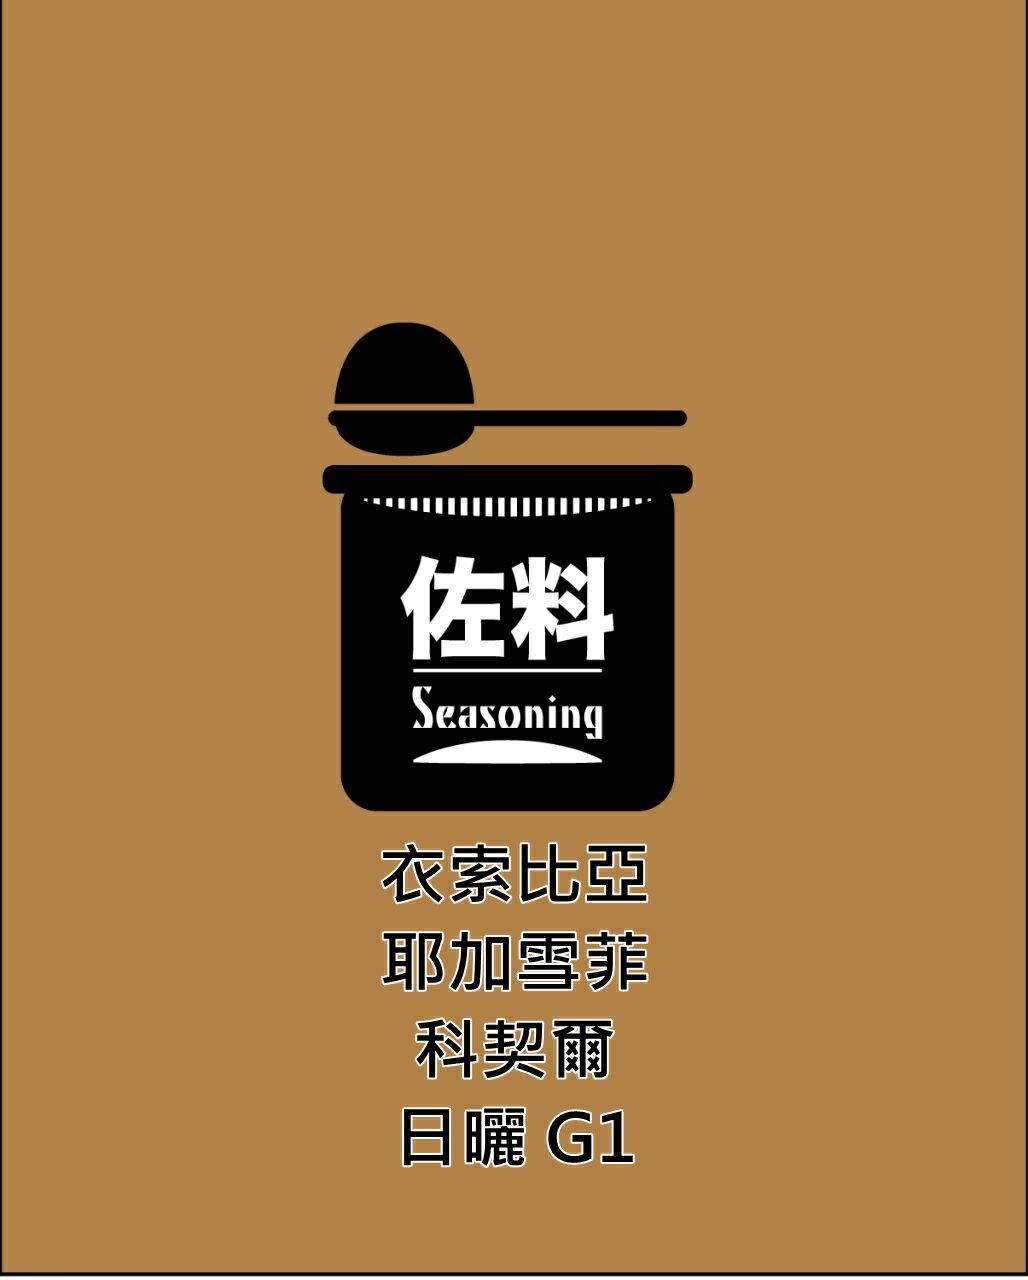 【衣索比亞 耶加雪菲 科契爾 日曬G1】﹝低庫存﹞濾掛咖啡 耳掛包--1包10G